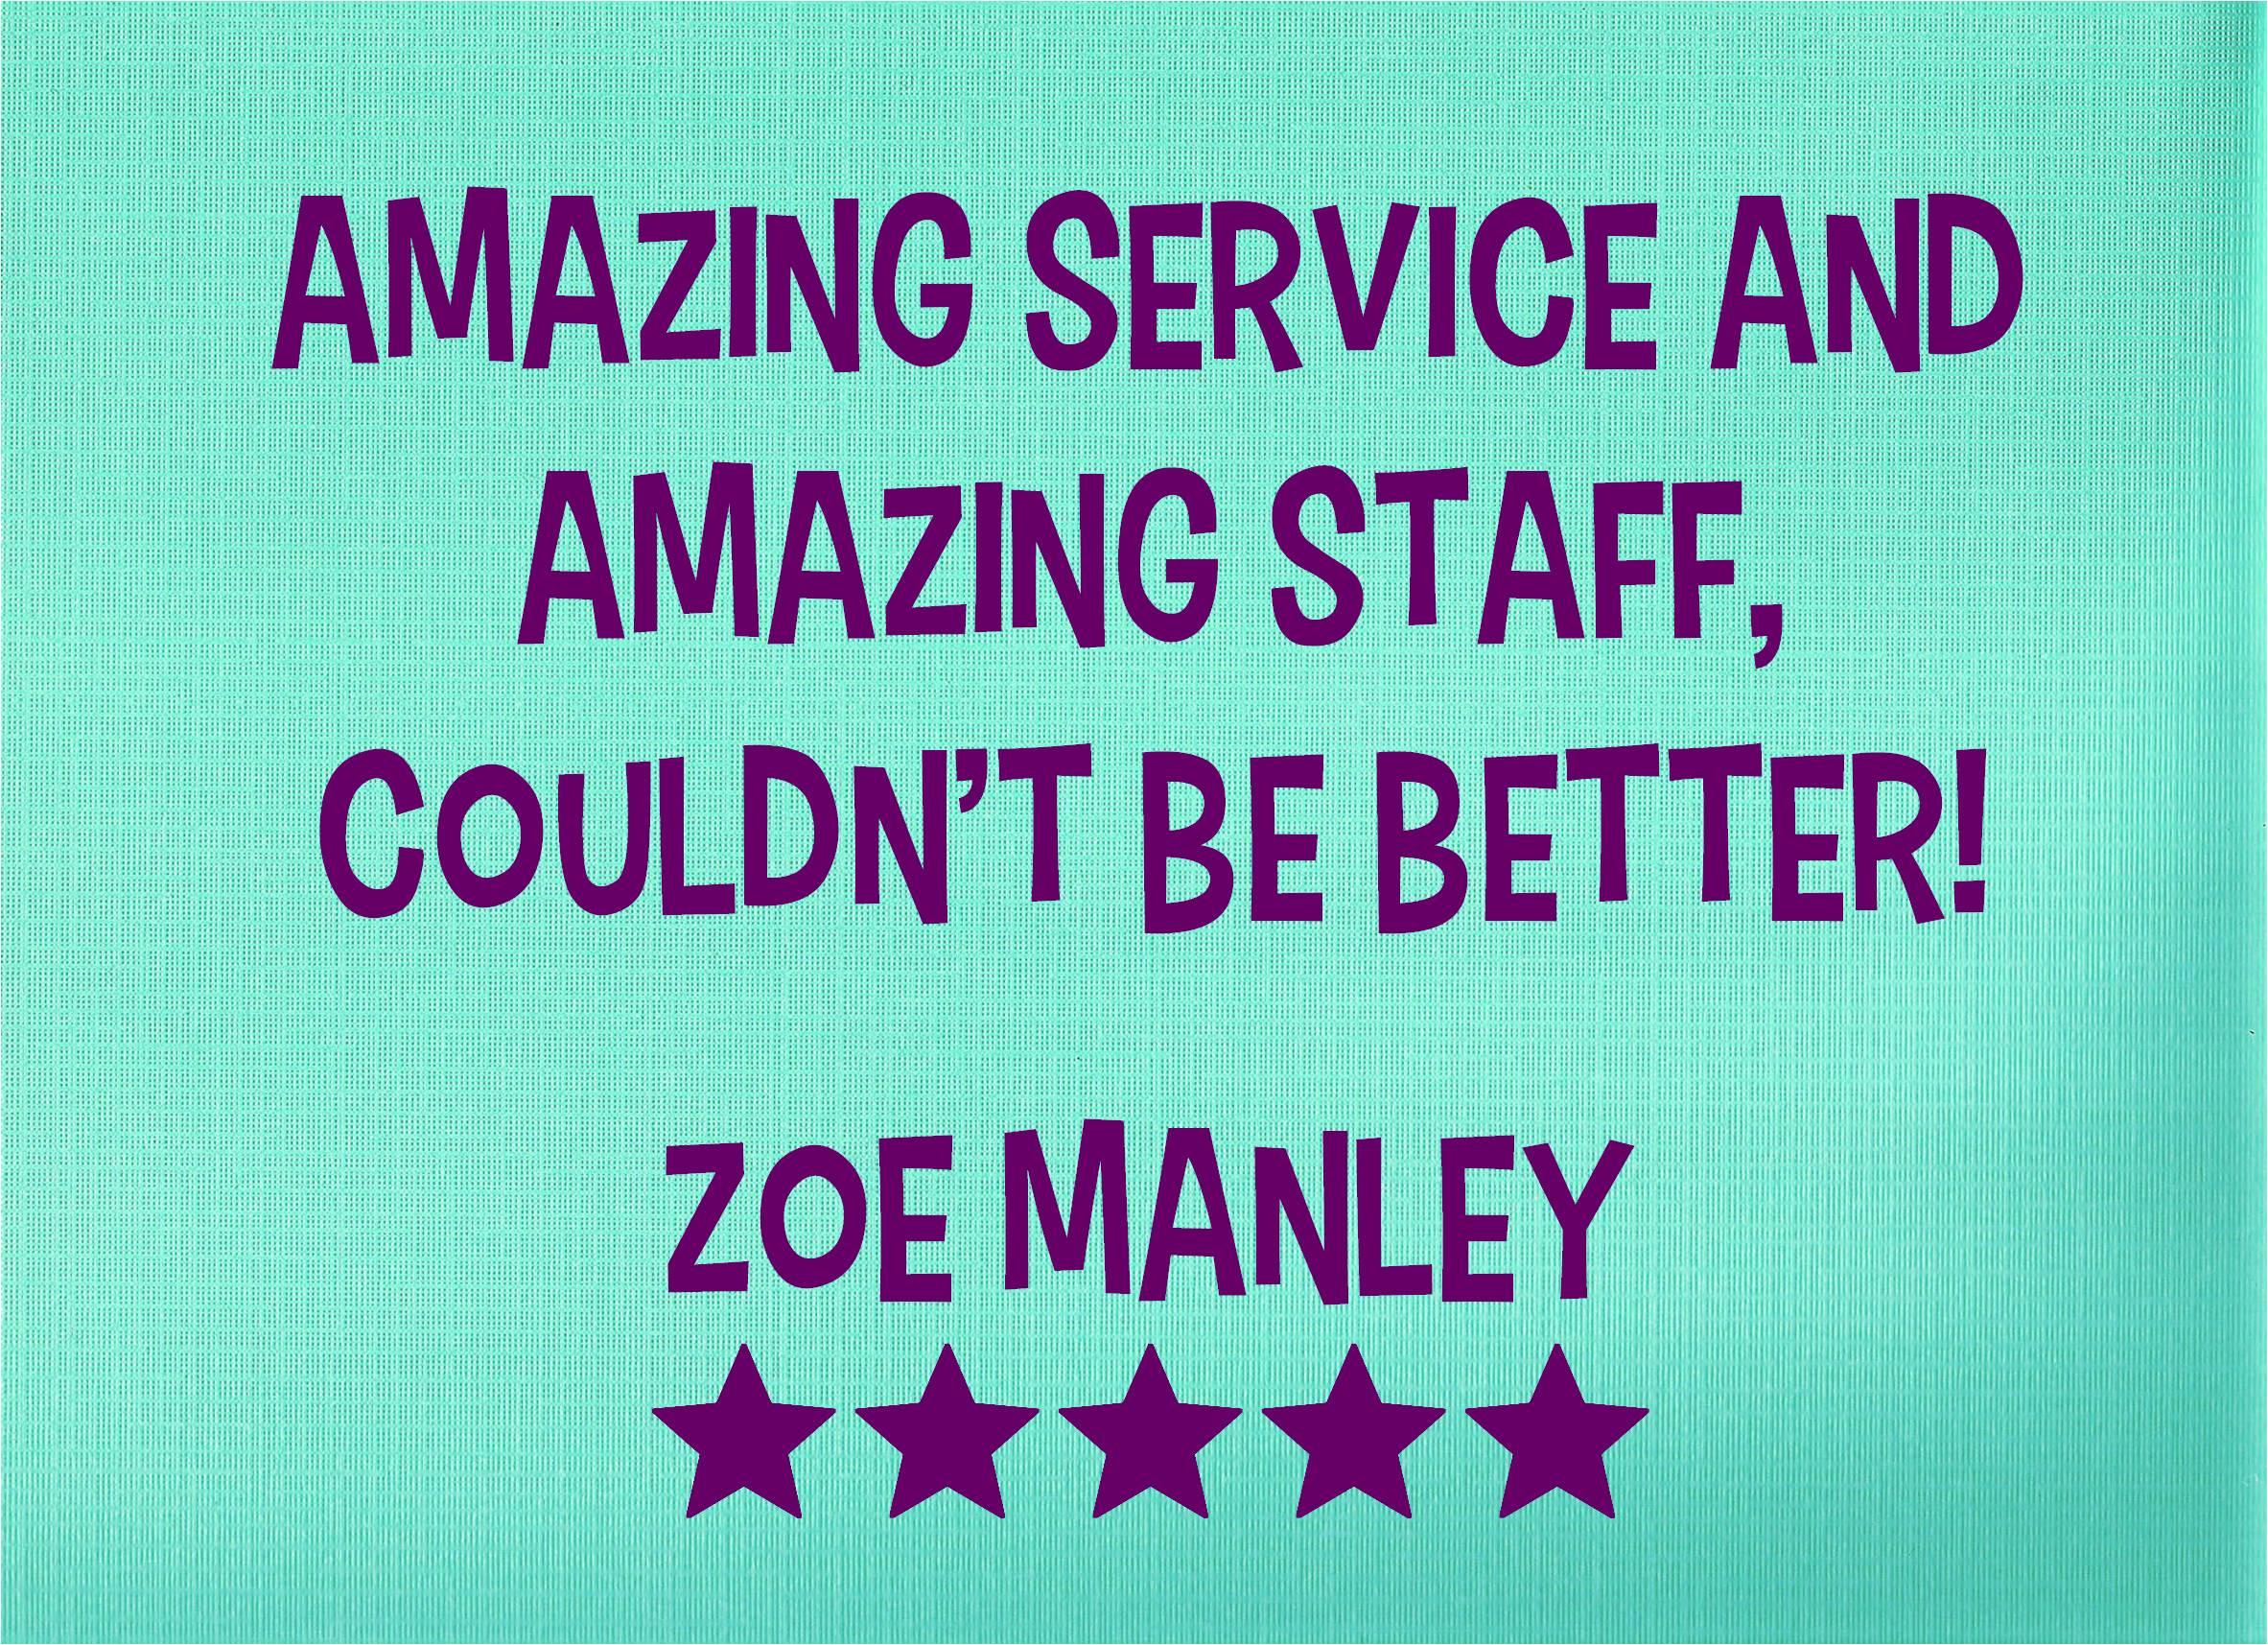 CP-Zoe Manley - fb